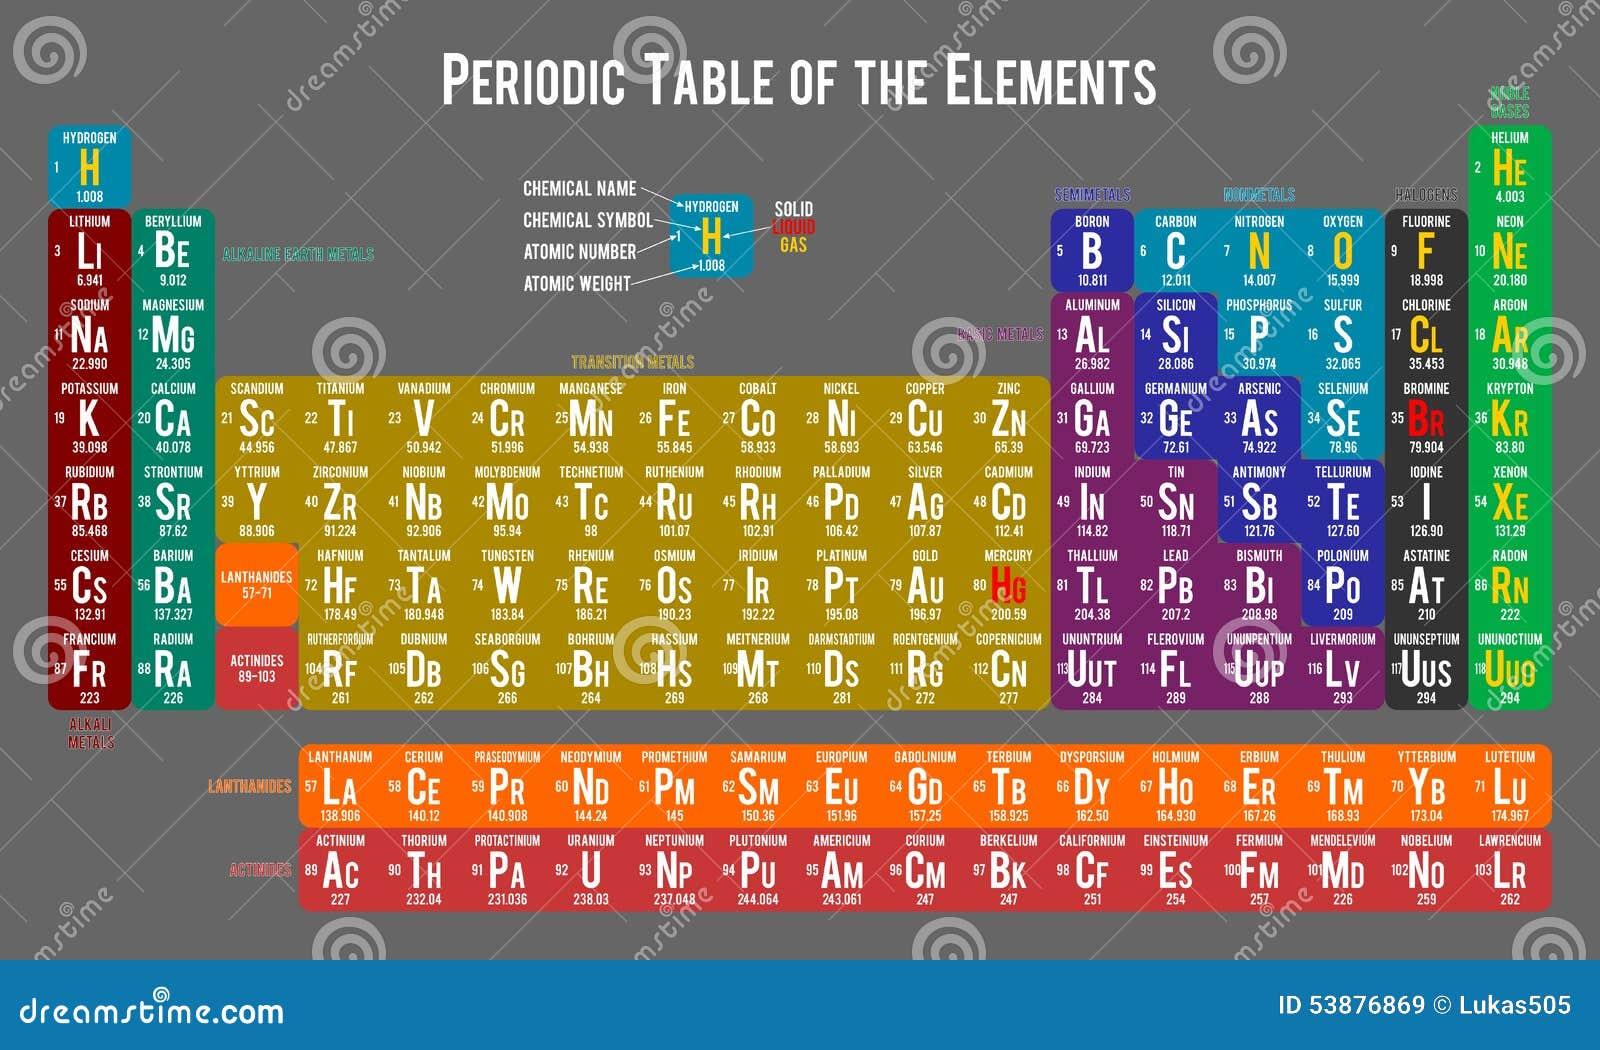 Tabla peridica de los elementos gris clara ilustracin del vector download tabla peridica de los elementos gris clara ilustracin del vector ilustracin de actinidas urtaz Gallery